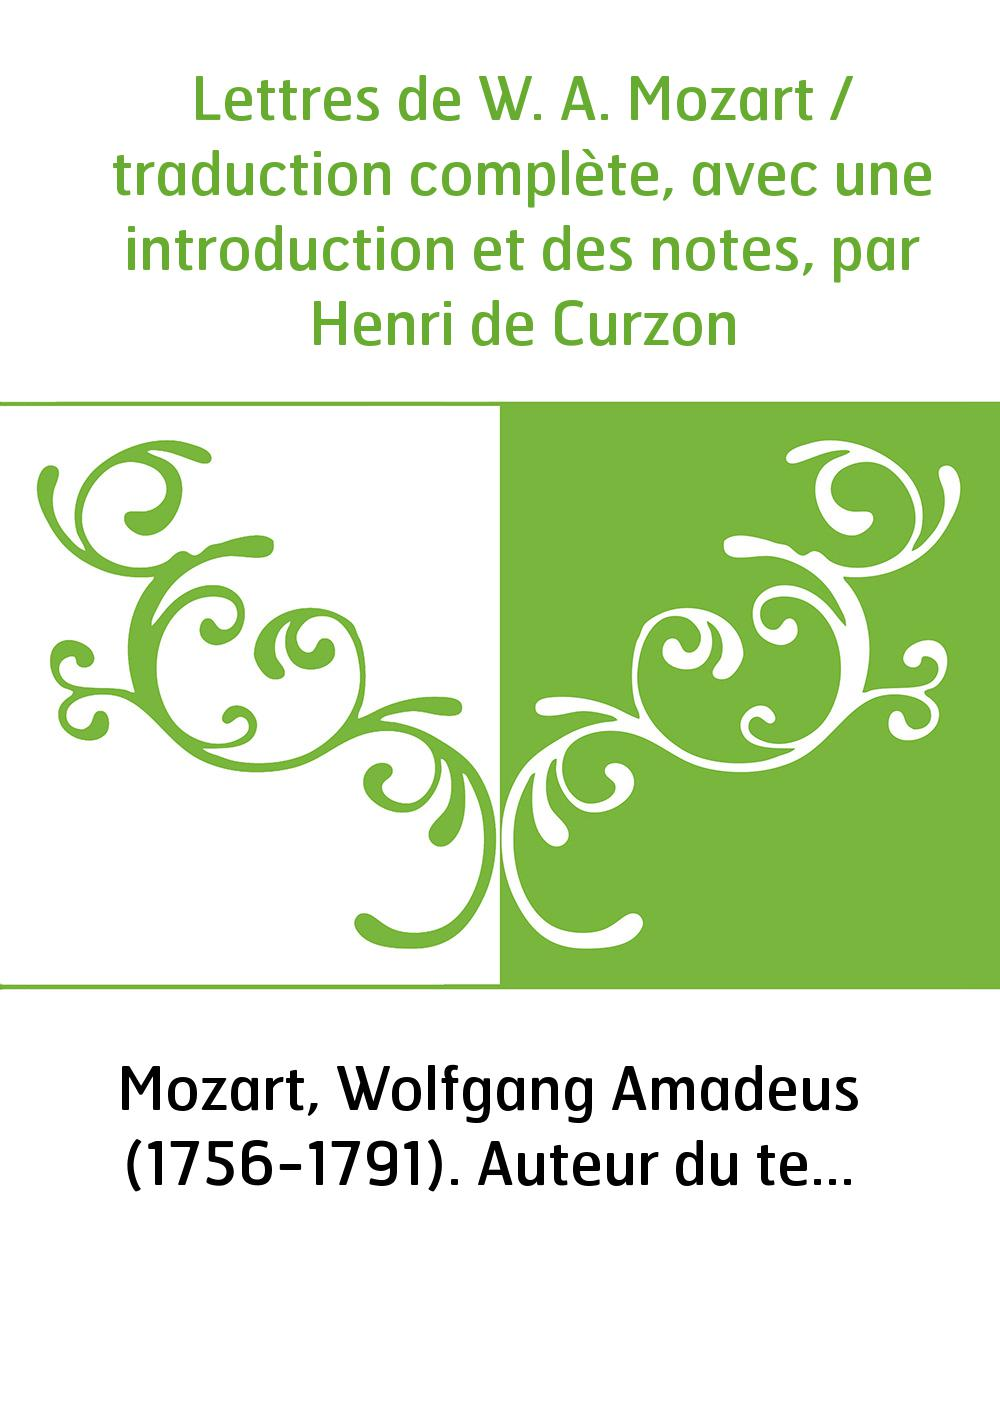 Lettres de W. A. Mozart / traduction complète, avec une introduction et des notes, par Henri de Curzon